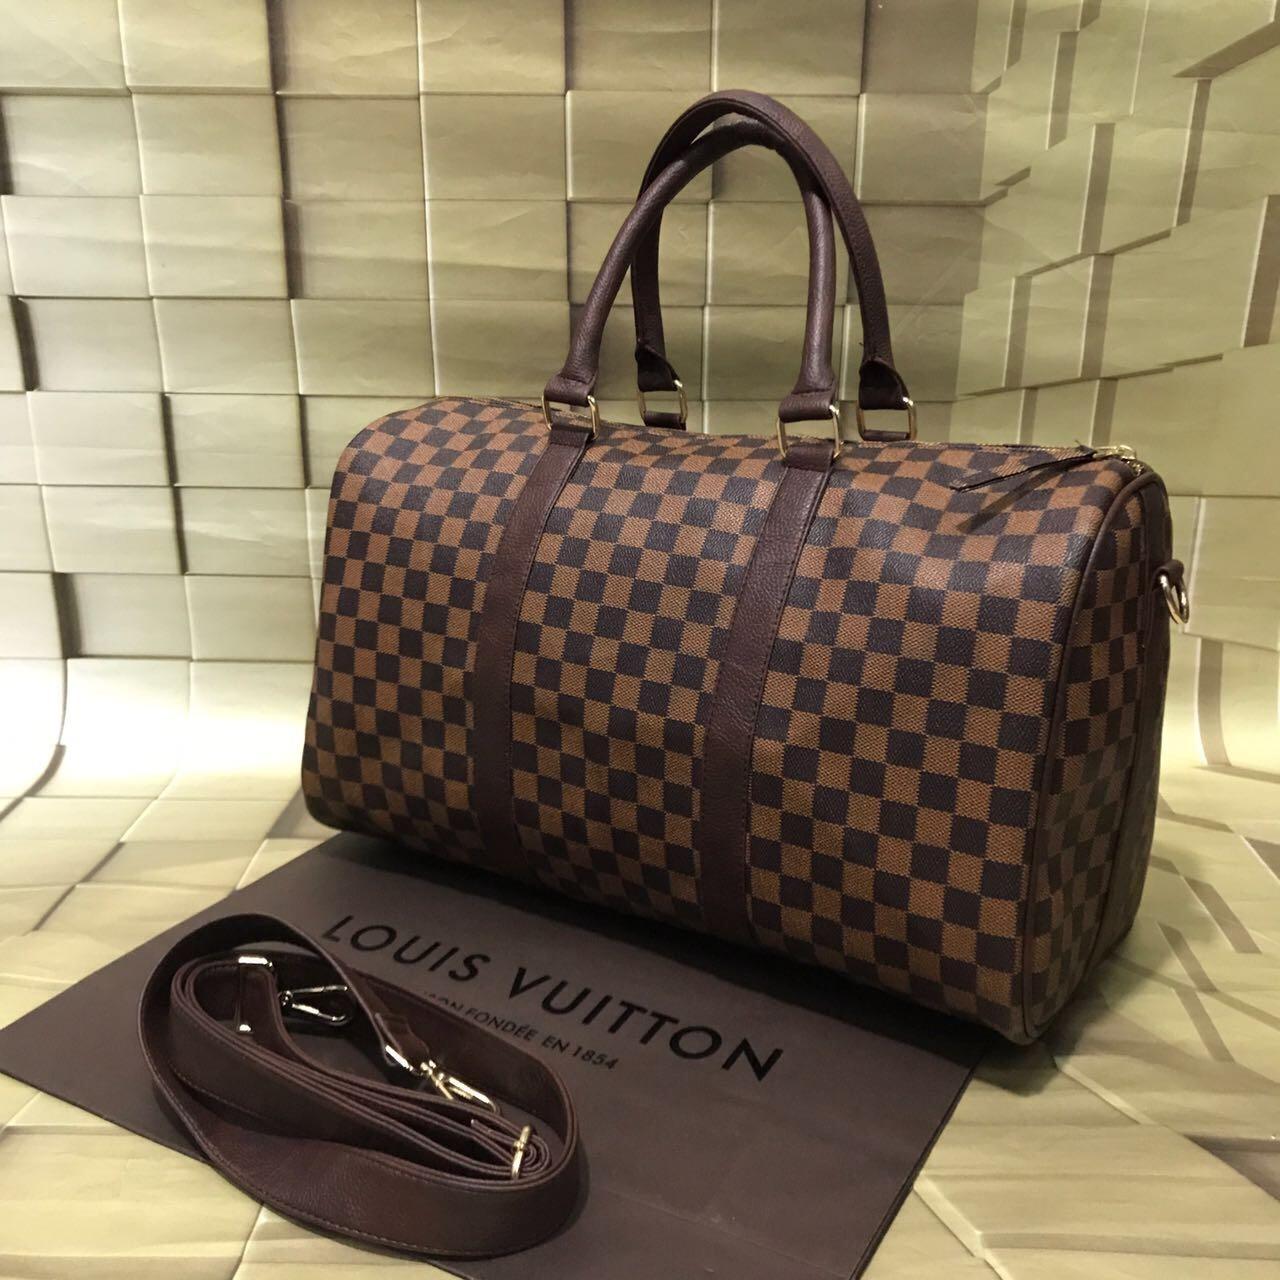 304cc9895302 Buy L.v Duffle Bag online from fashion box